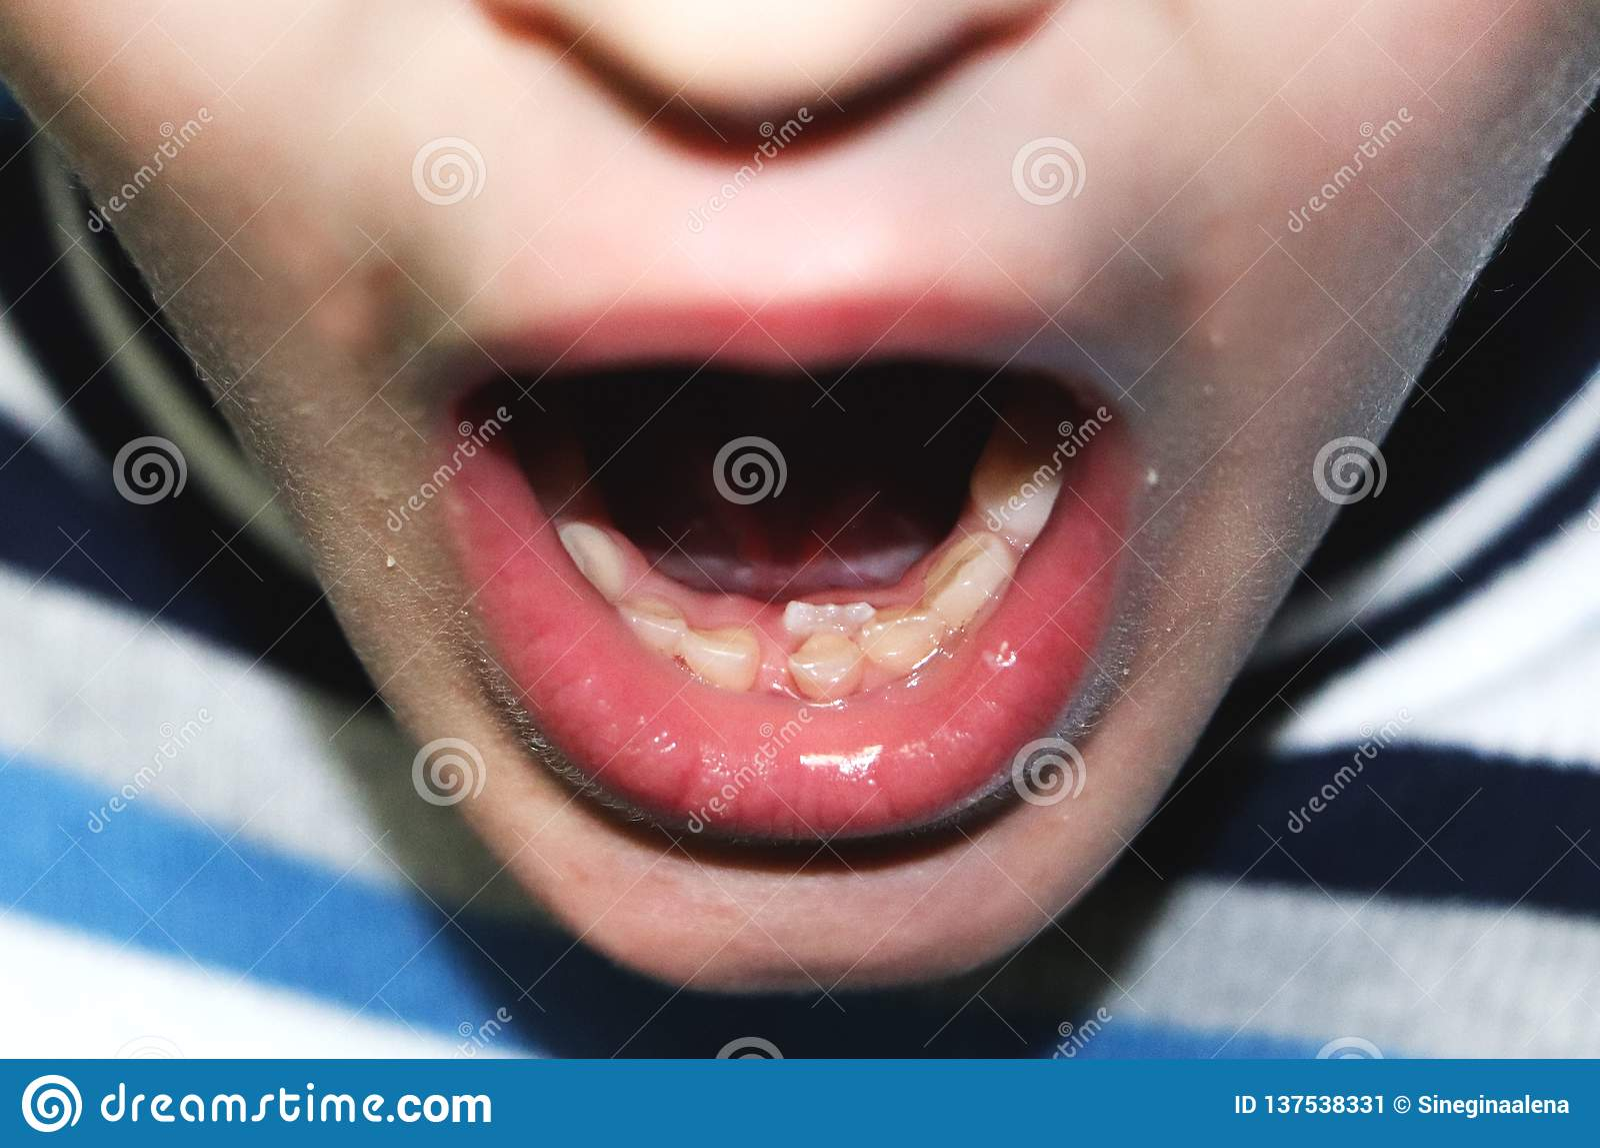 Ändernde Milchzähne Ein Übersatz Zähne, die boy's Milchzähne haben nicht noch herausgefallen, aber einheimisch